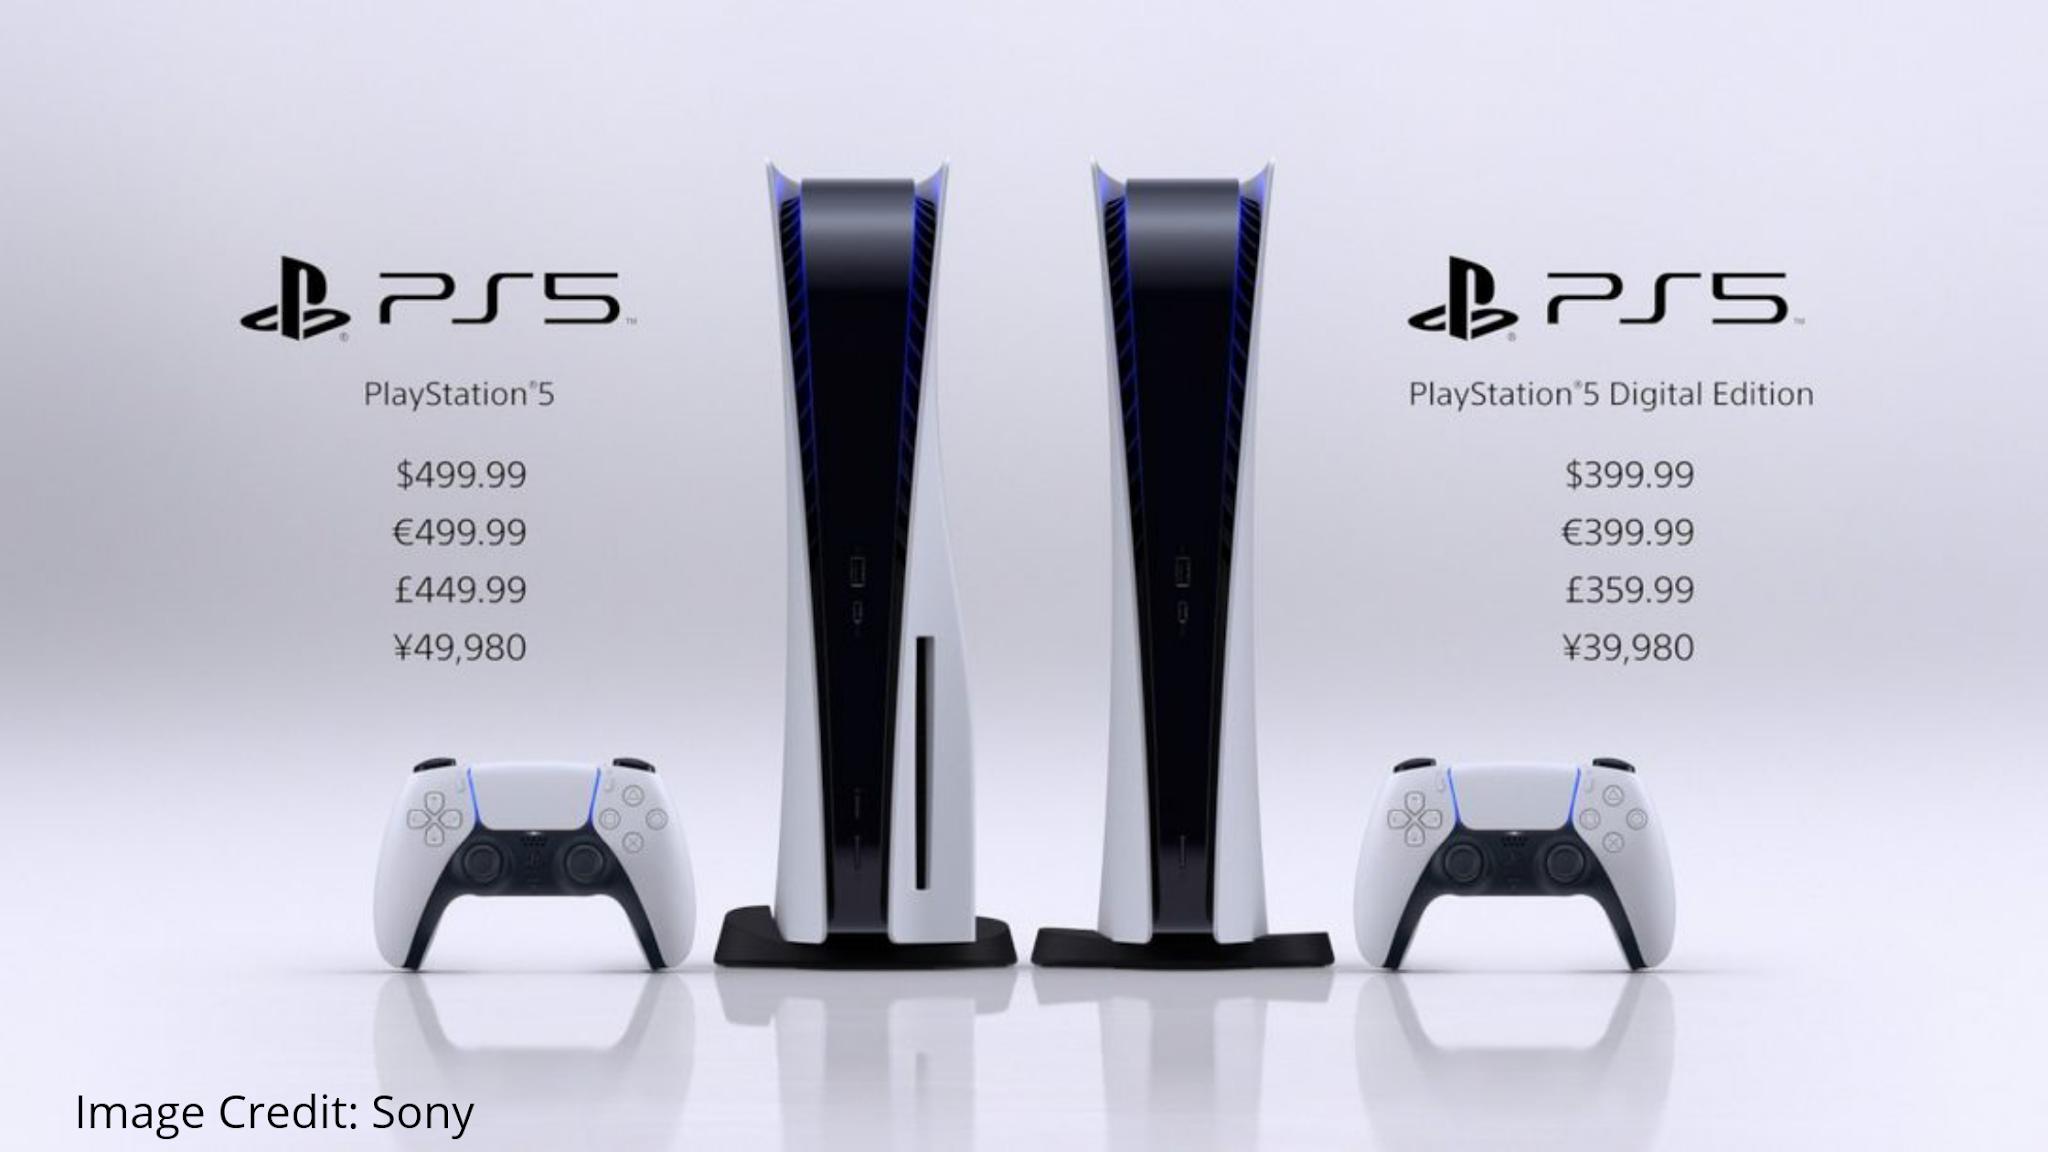 PlayStation 5 pre-orders